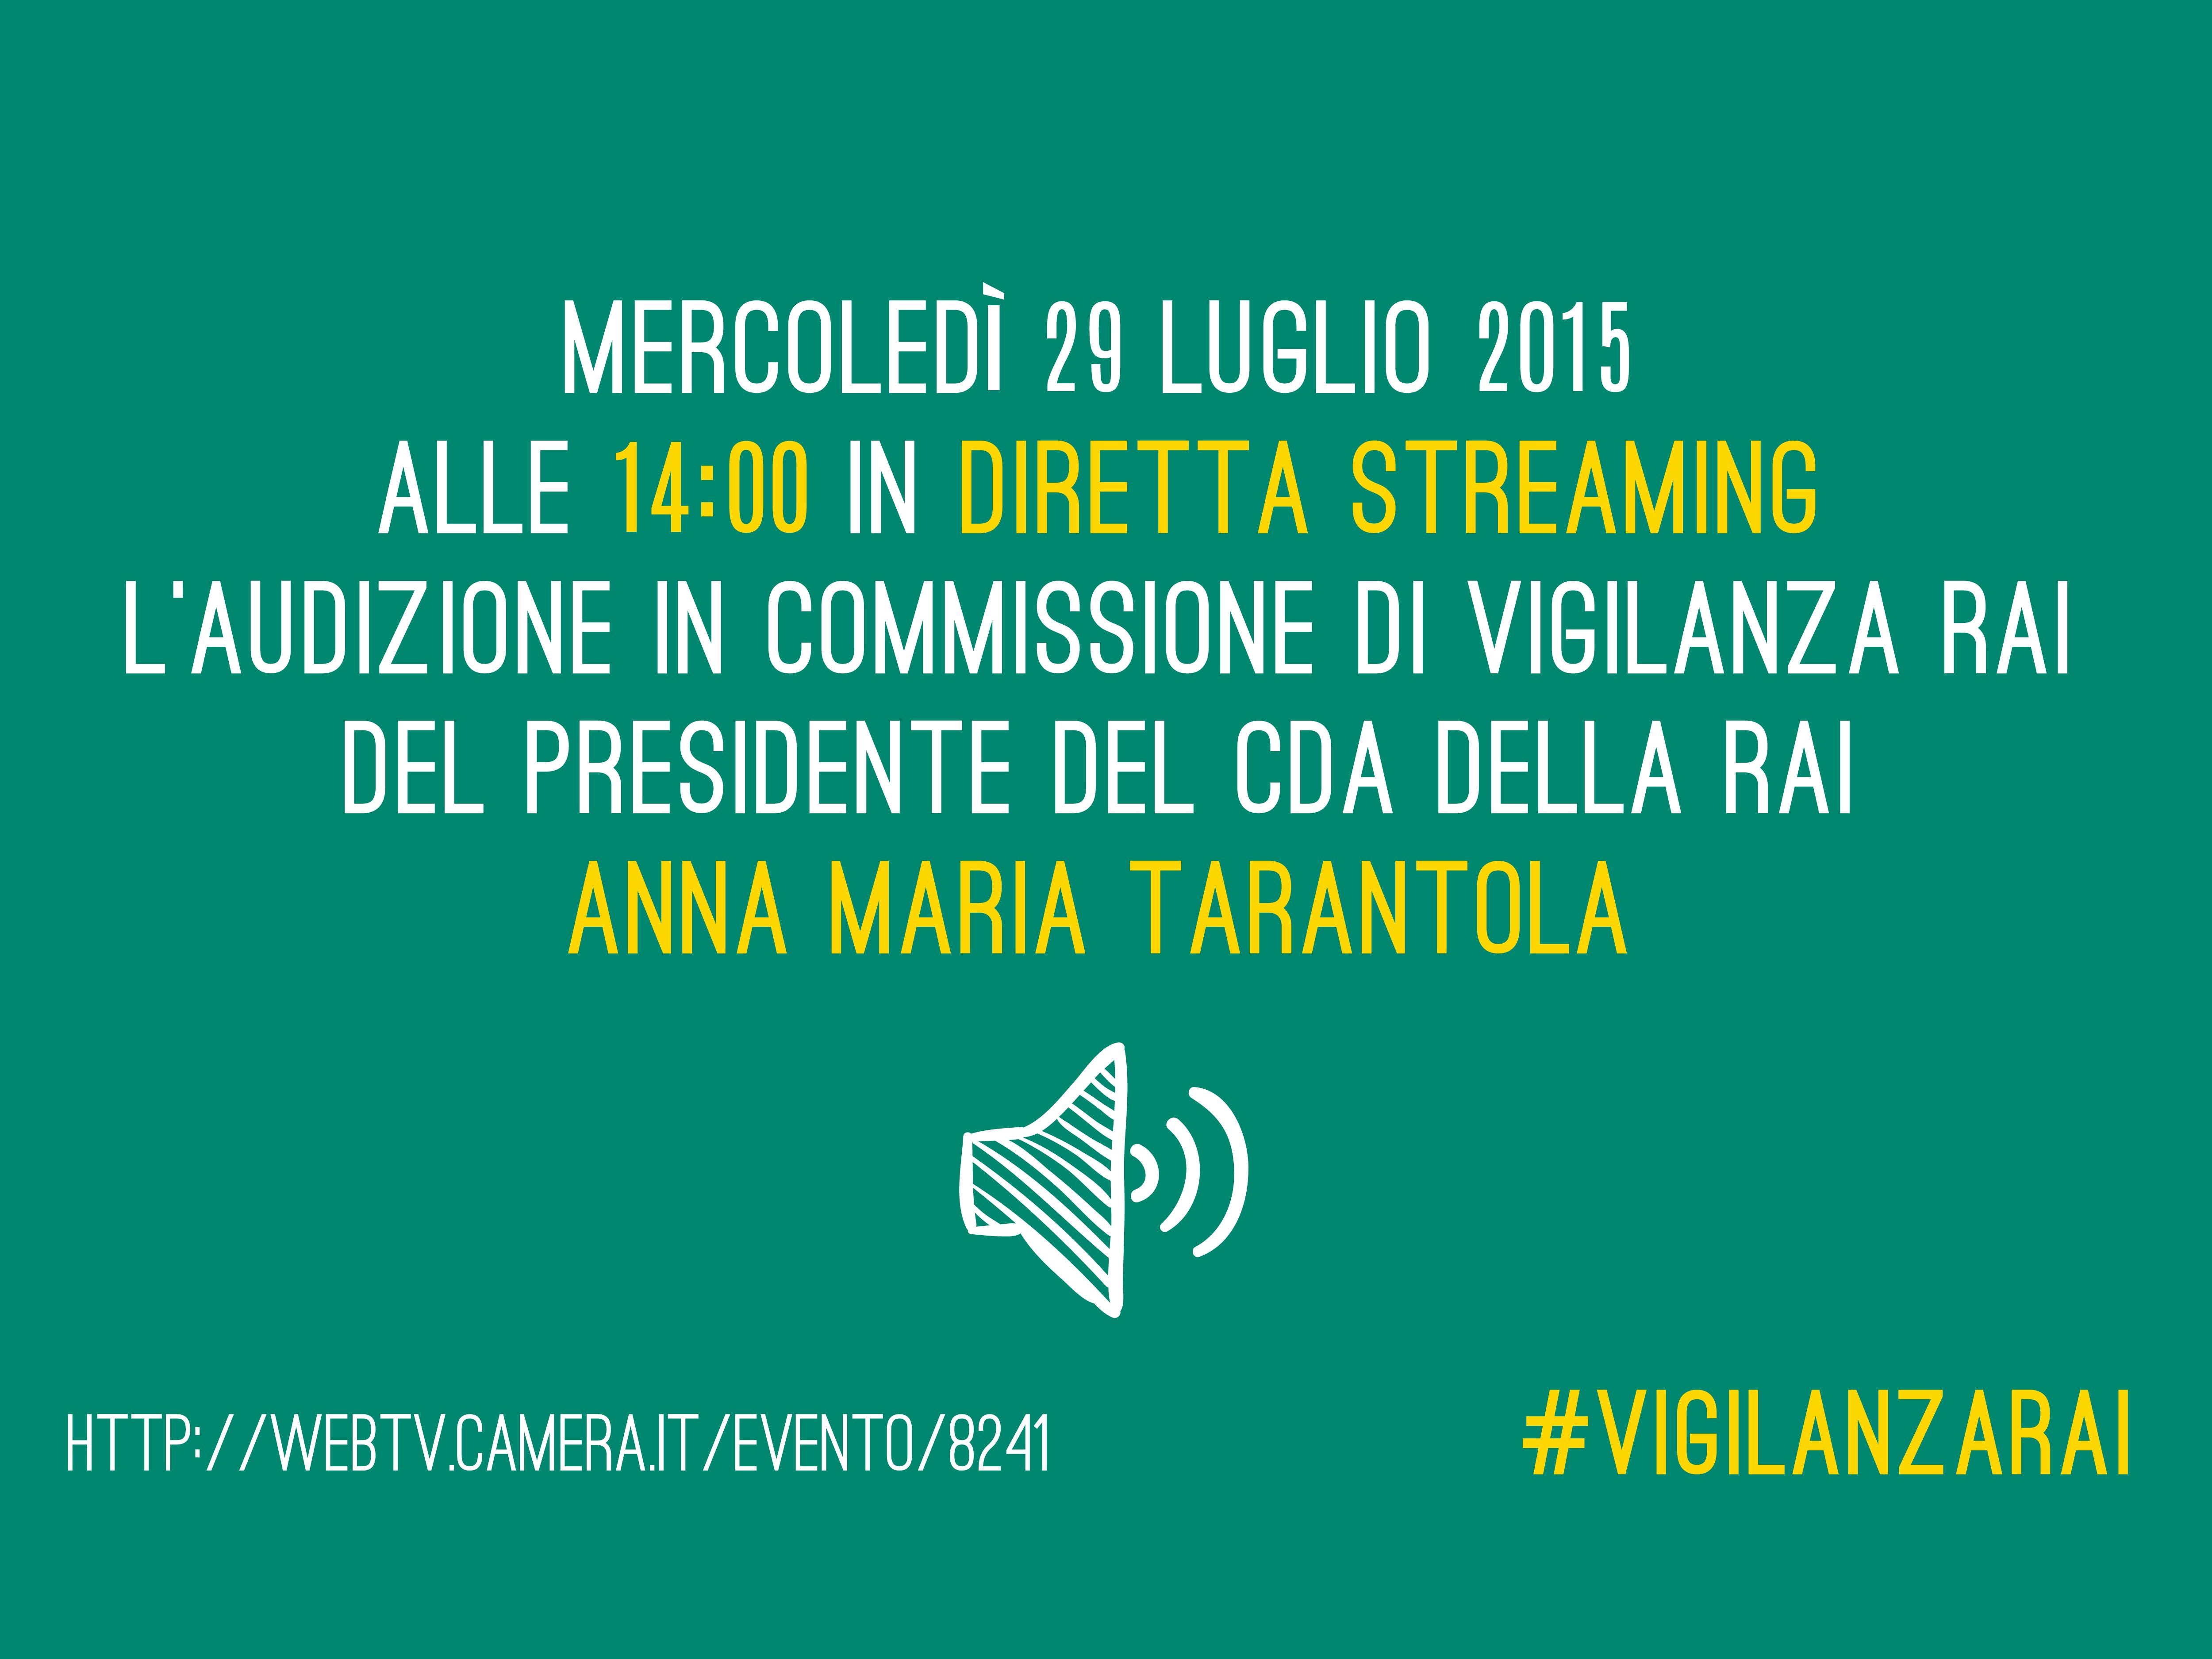 audizione_commissione_29-07-2015_tarantola